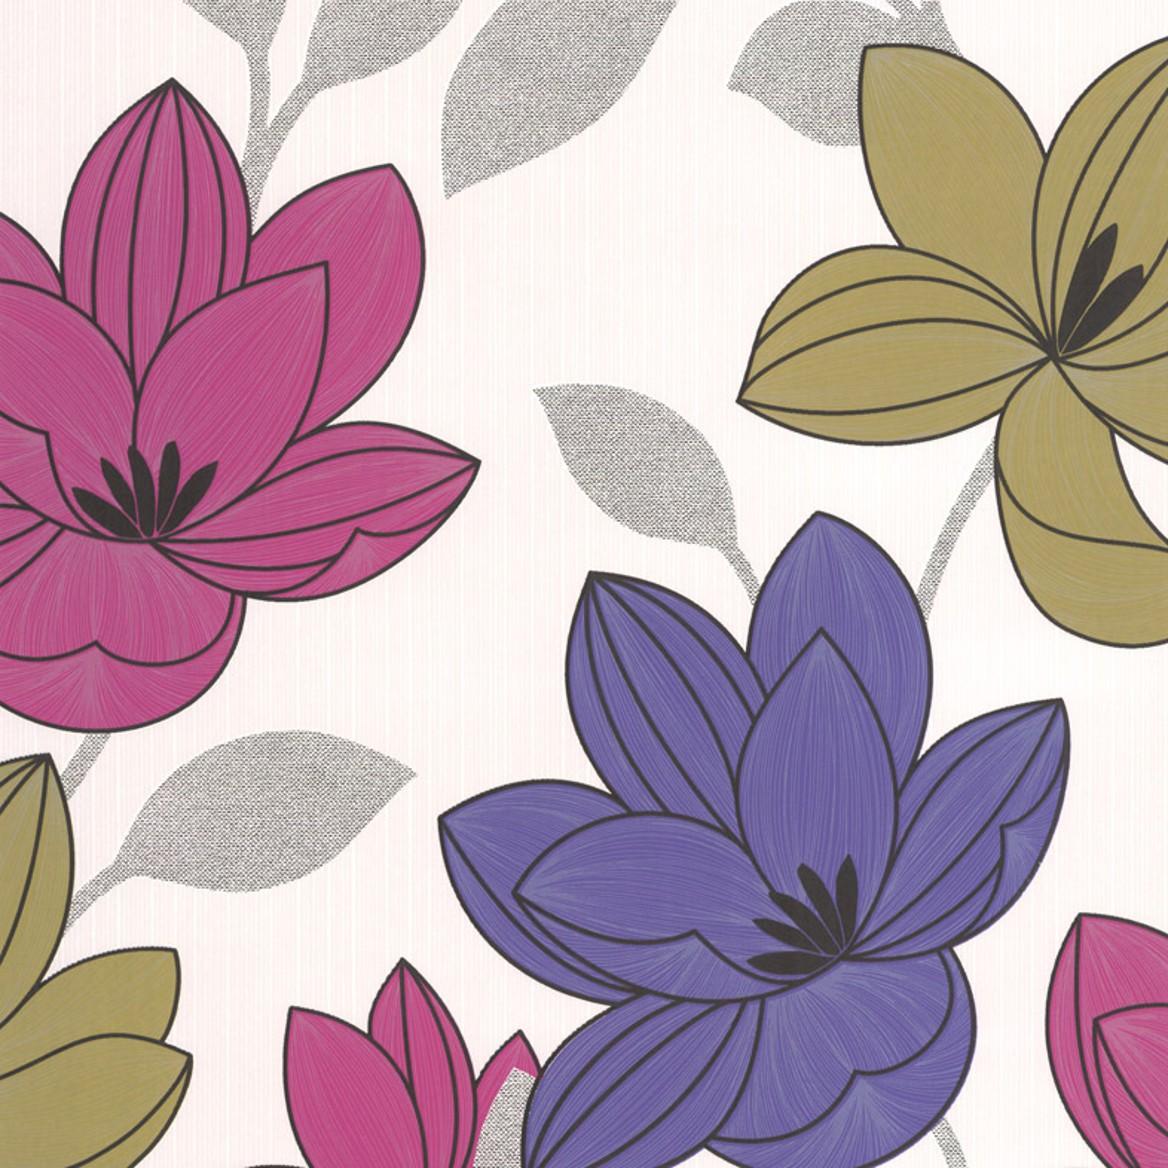 Tapeta na stěnu Vavex 20-560 | 0,53 x 10,05 m (Vinylová tapeta - růžová, fialová, zelená)